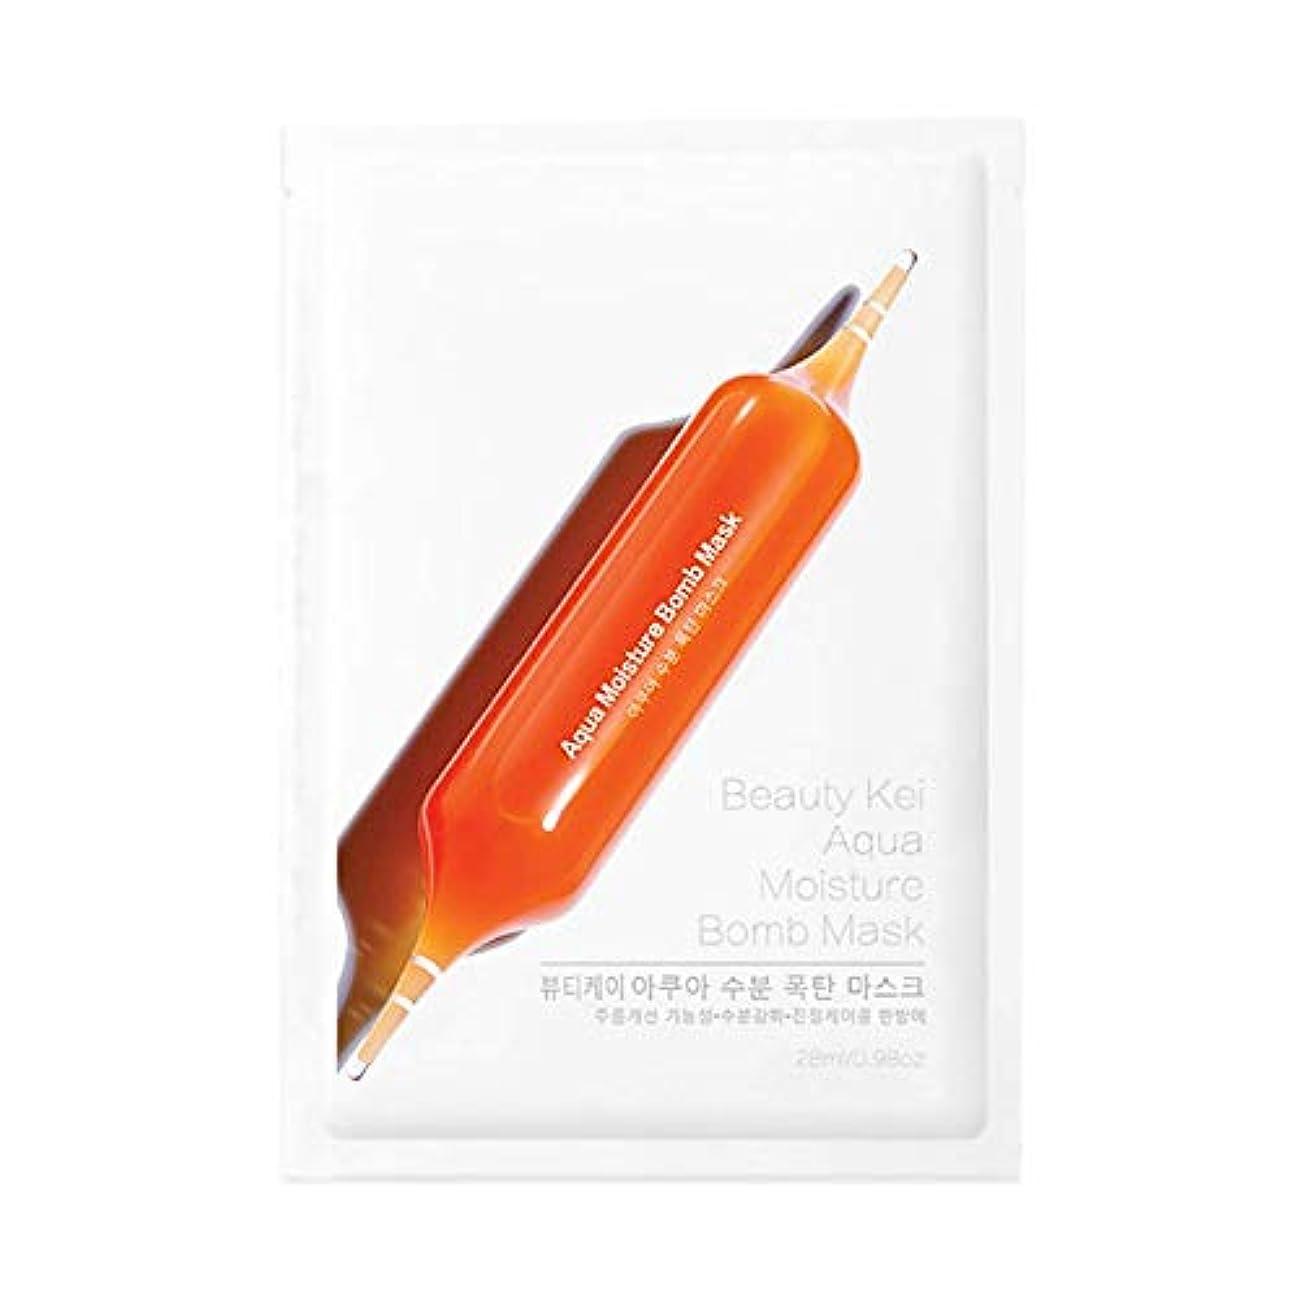 秋読書をする芝生TOOGOO ブラッドオレンジフェイシャルマスク、保湿、保湿、しわ防止、 若返り、 収縮孔、ブライトニングナリッシングフェイシャルマスク